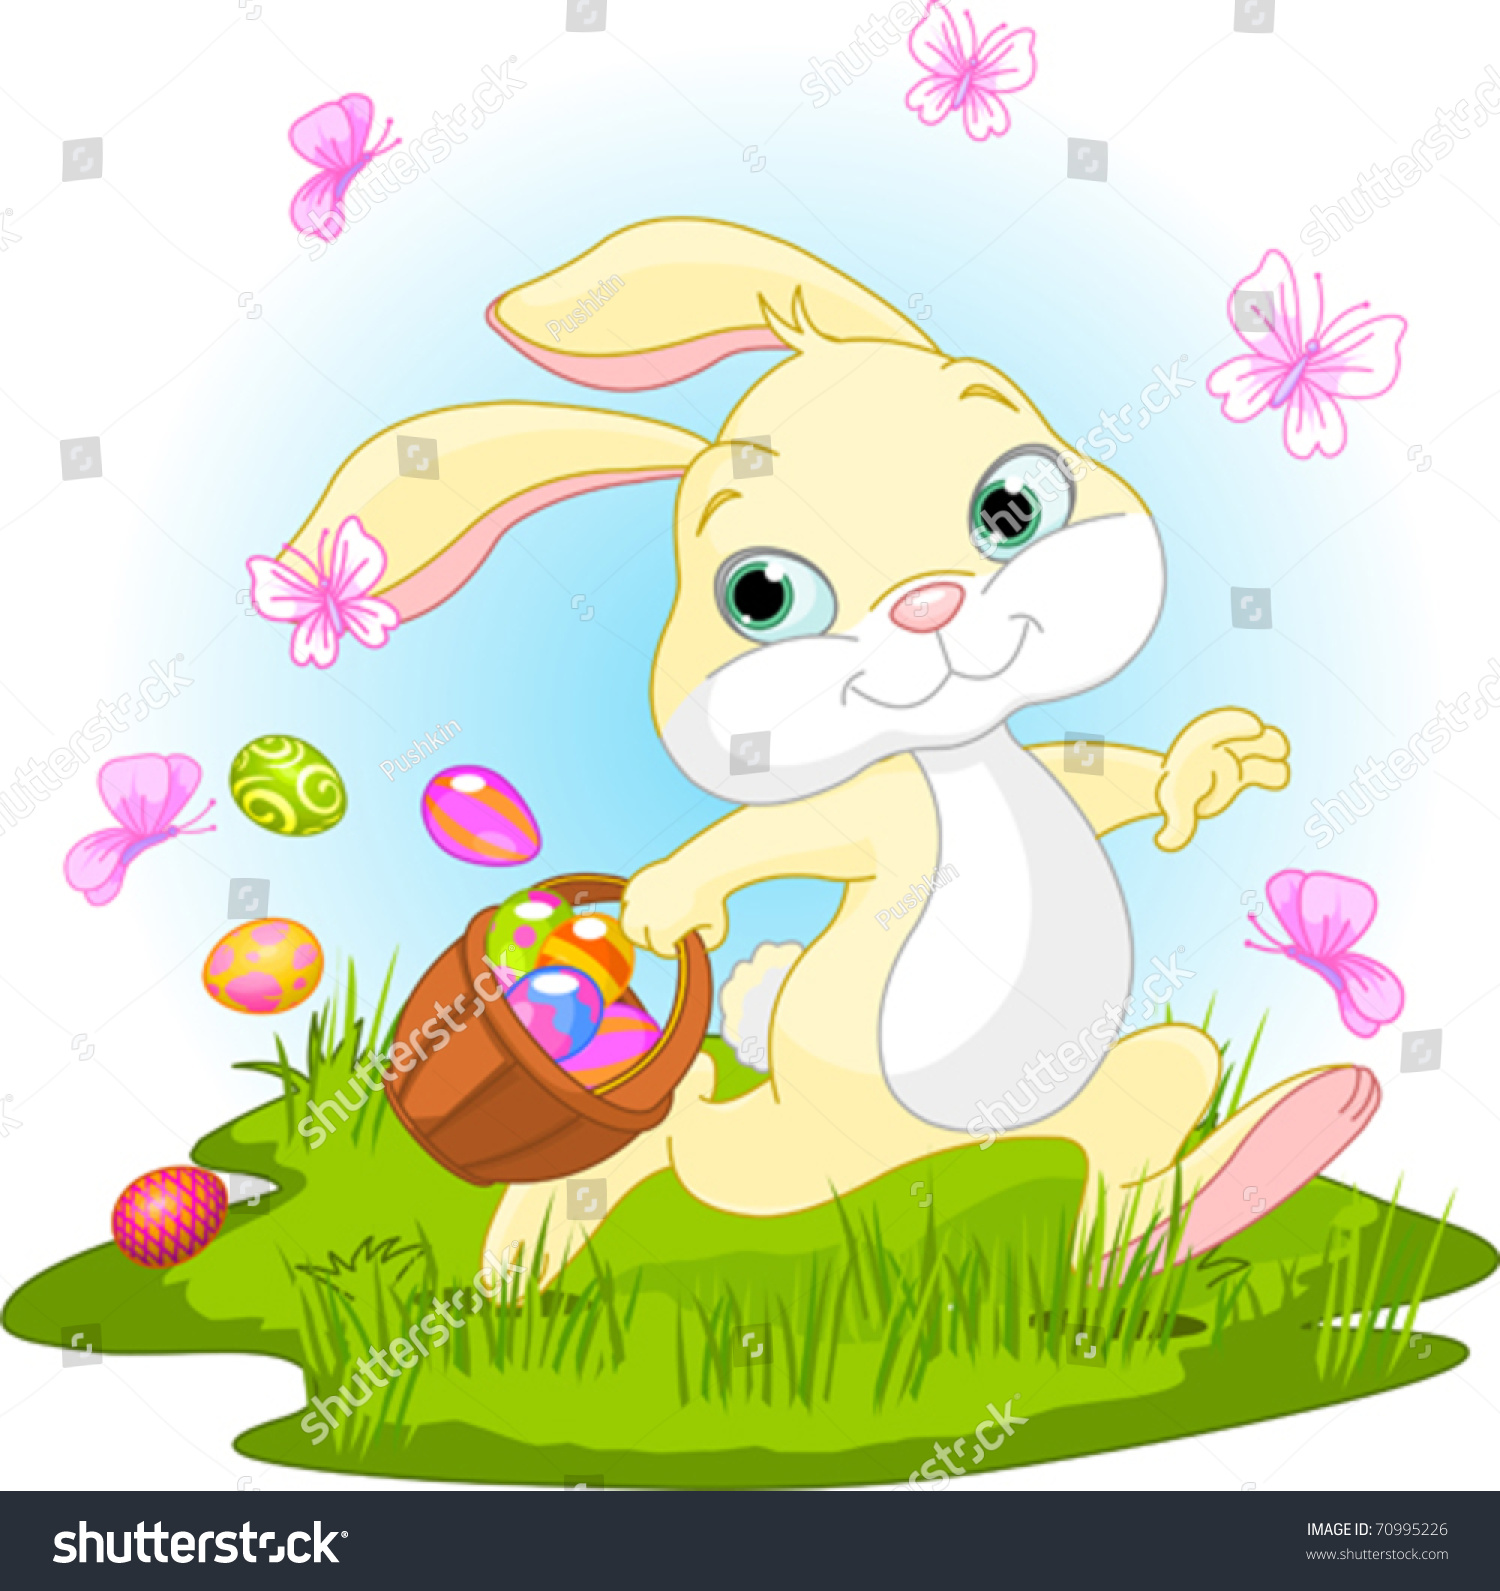 可爱的复活节兔子藏鸡蛋-假期,插图/剪贴图-海洛创意